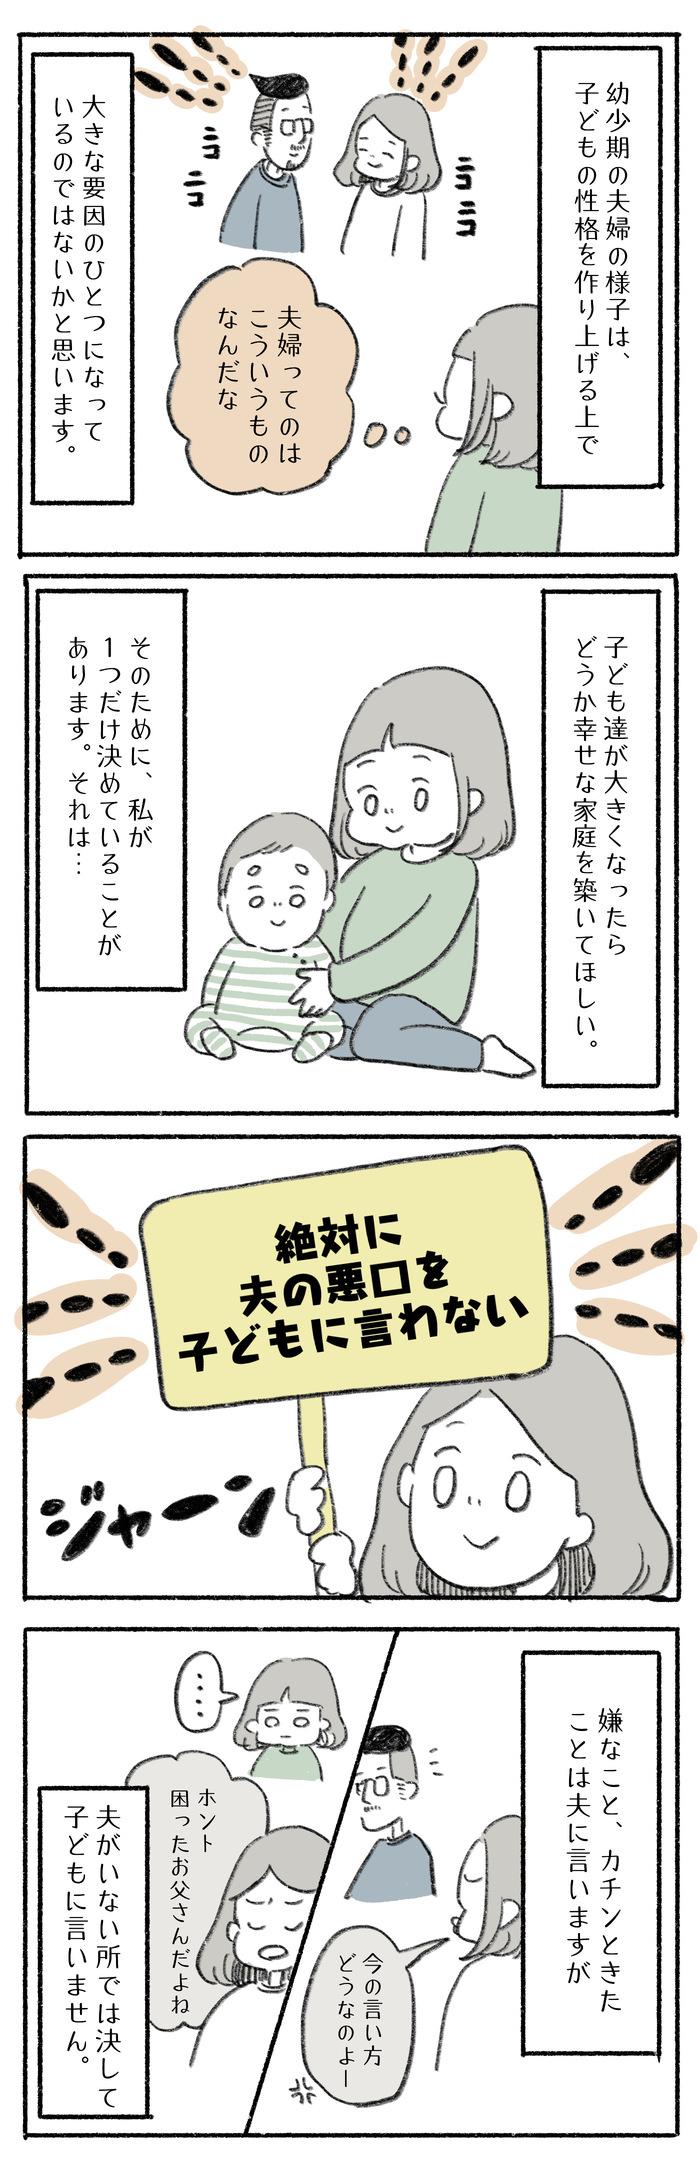 「いい夫婦」を子どもに伝えていくために。私が絶対にしない、ただひとつのこと。の画像2